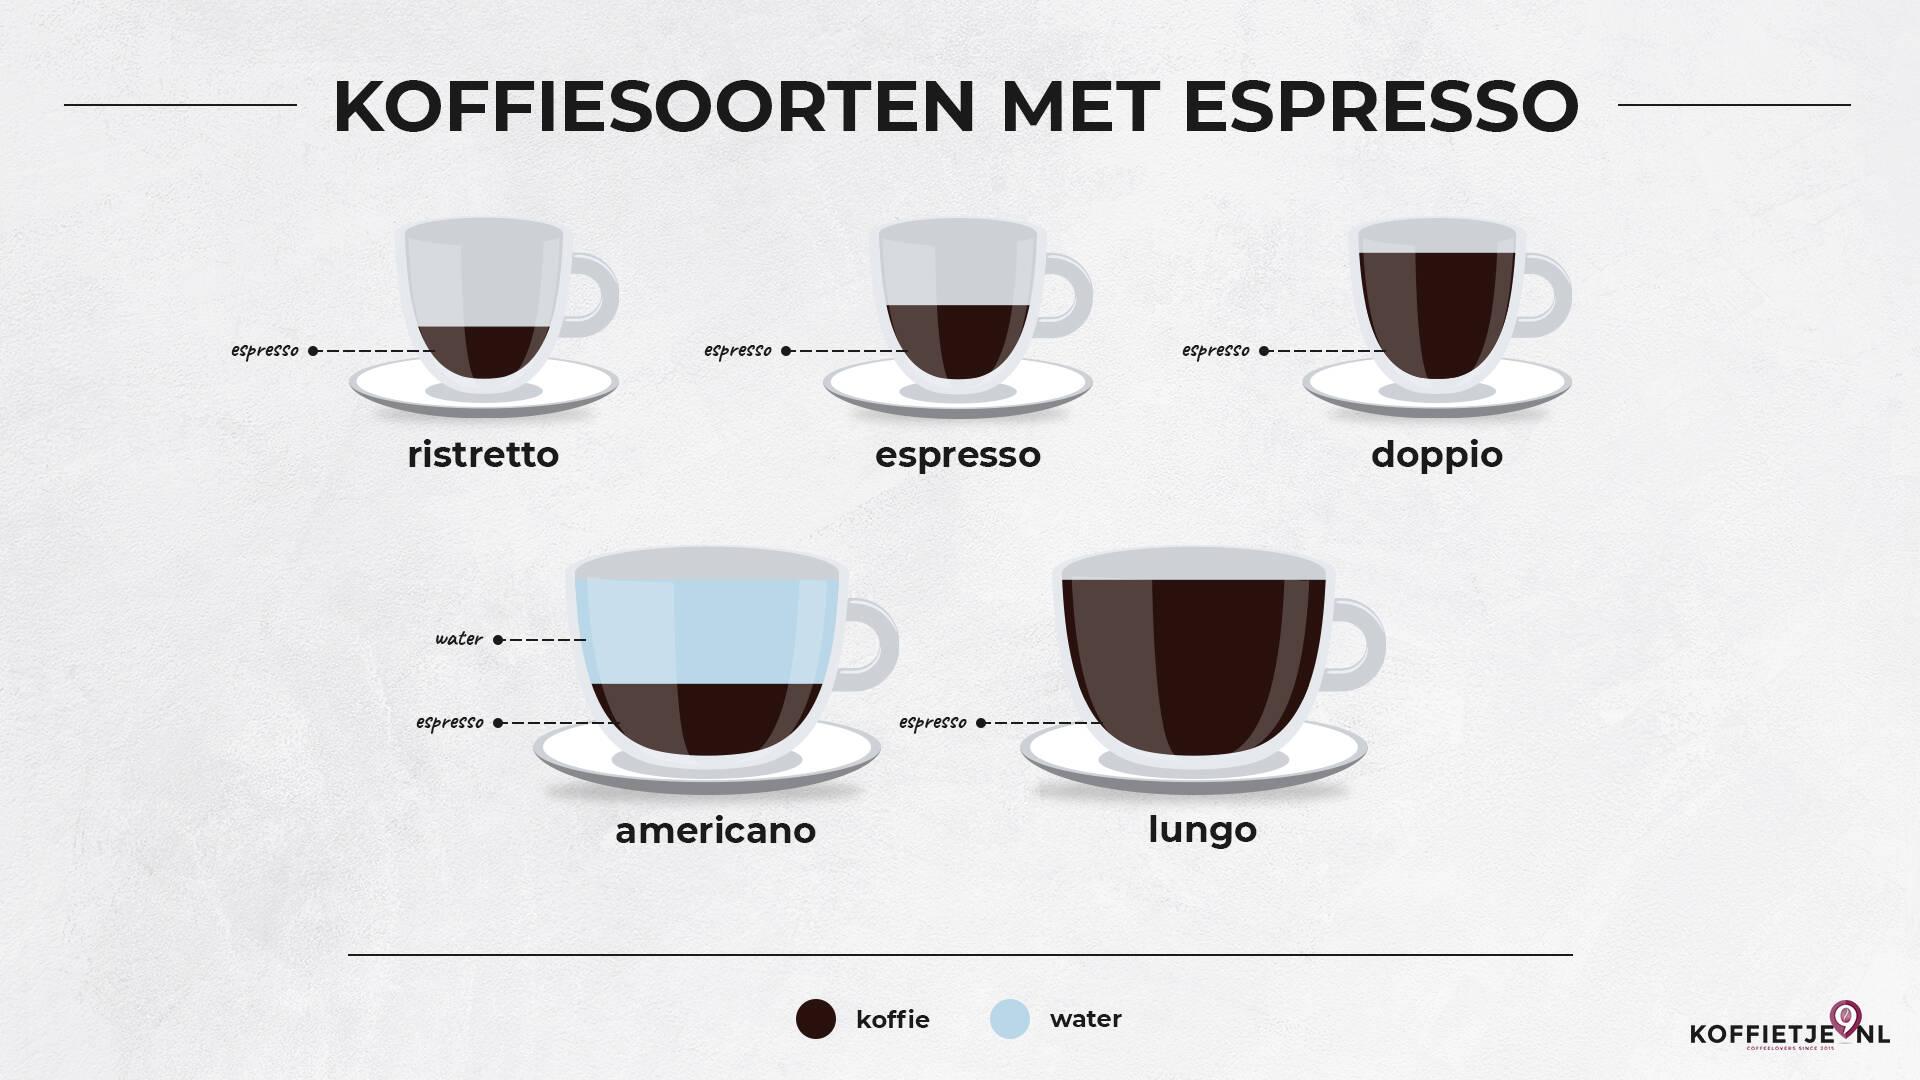 Koffiesoorten met espresso